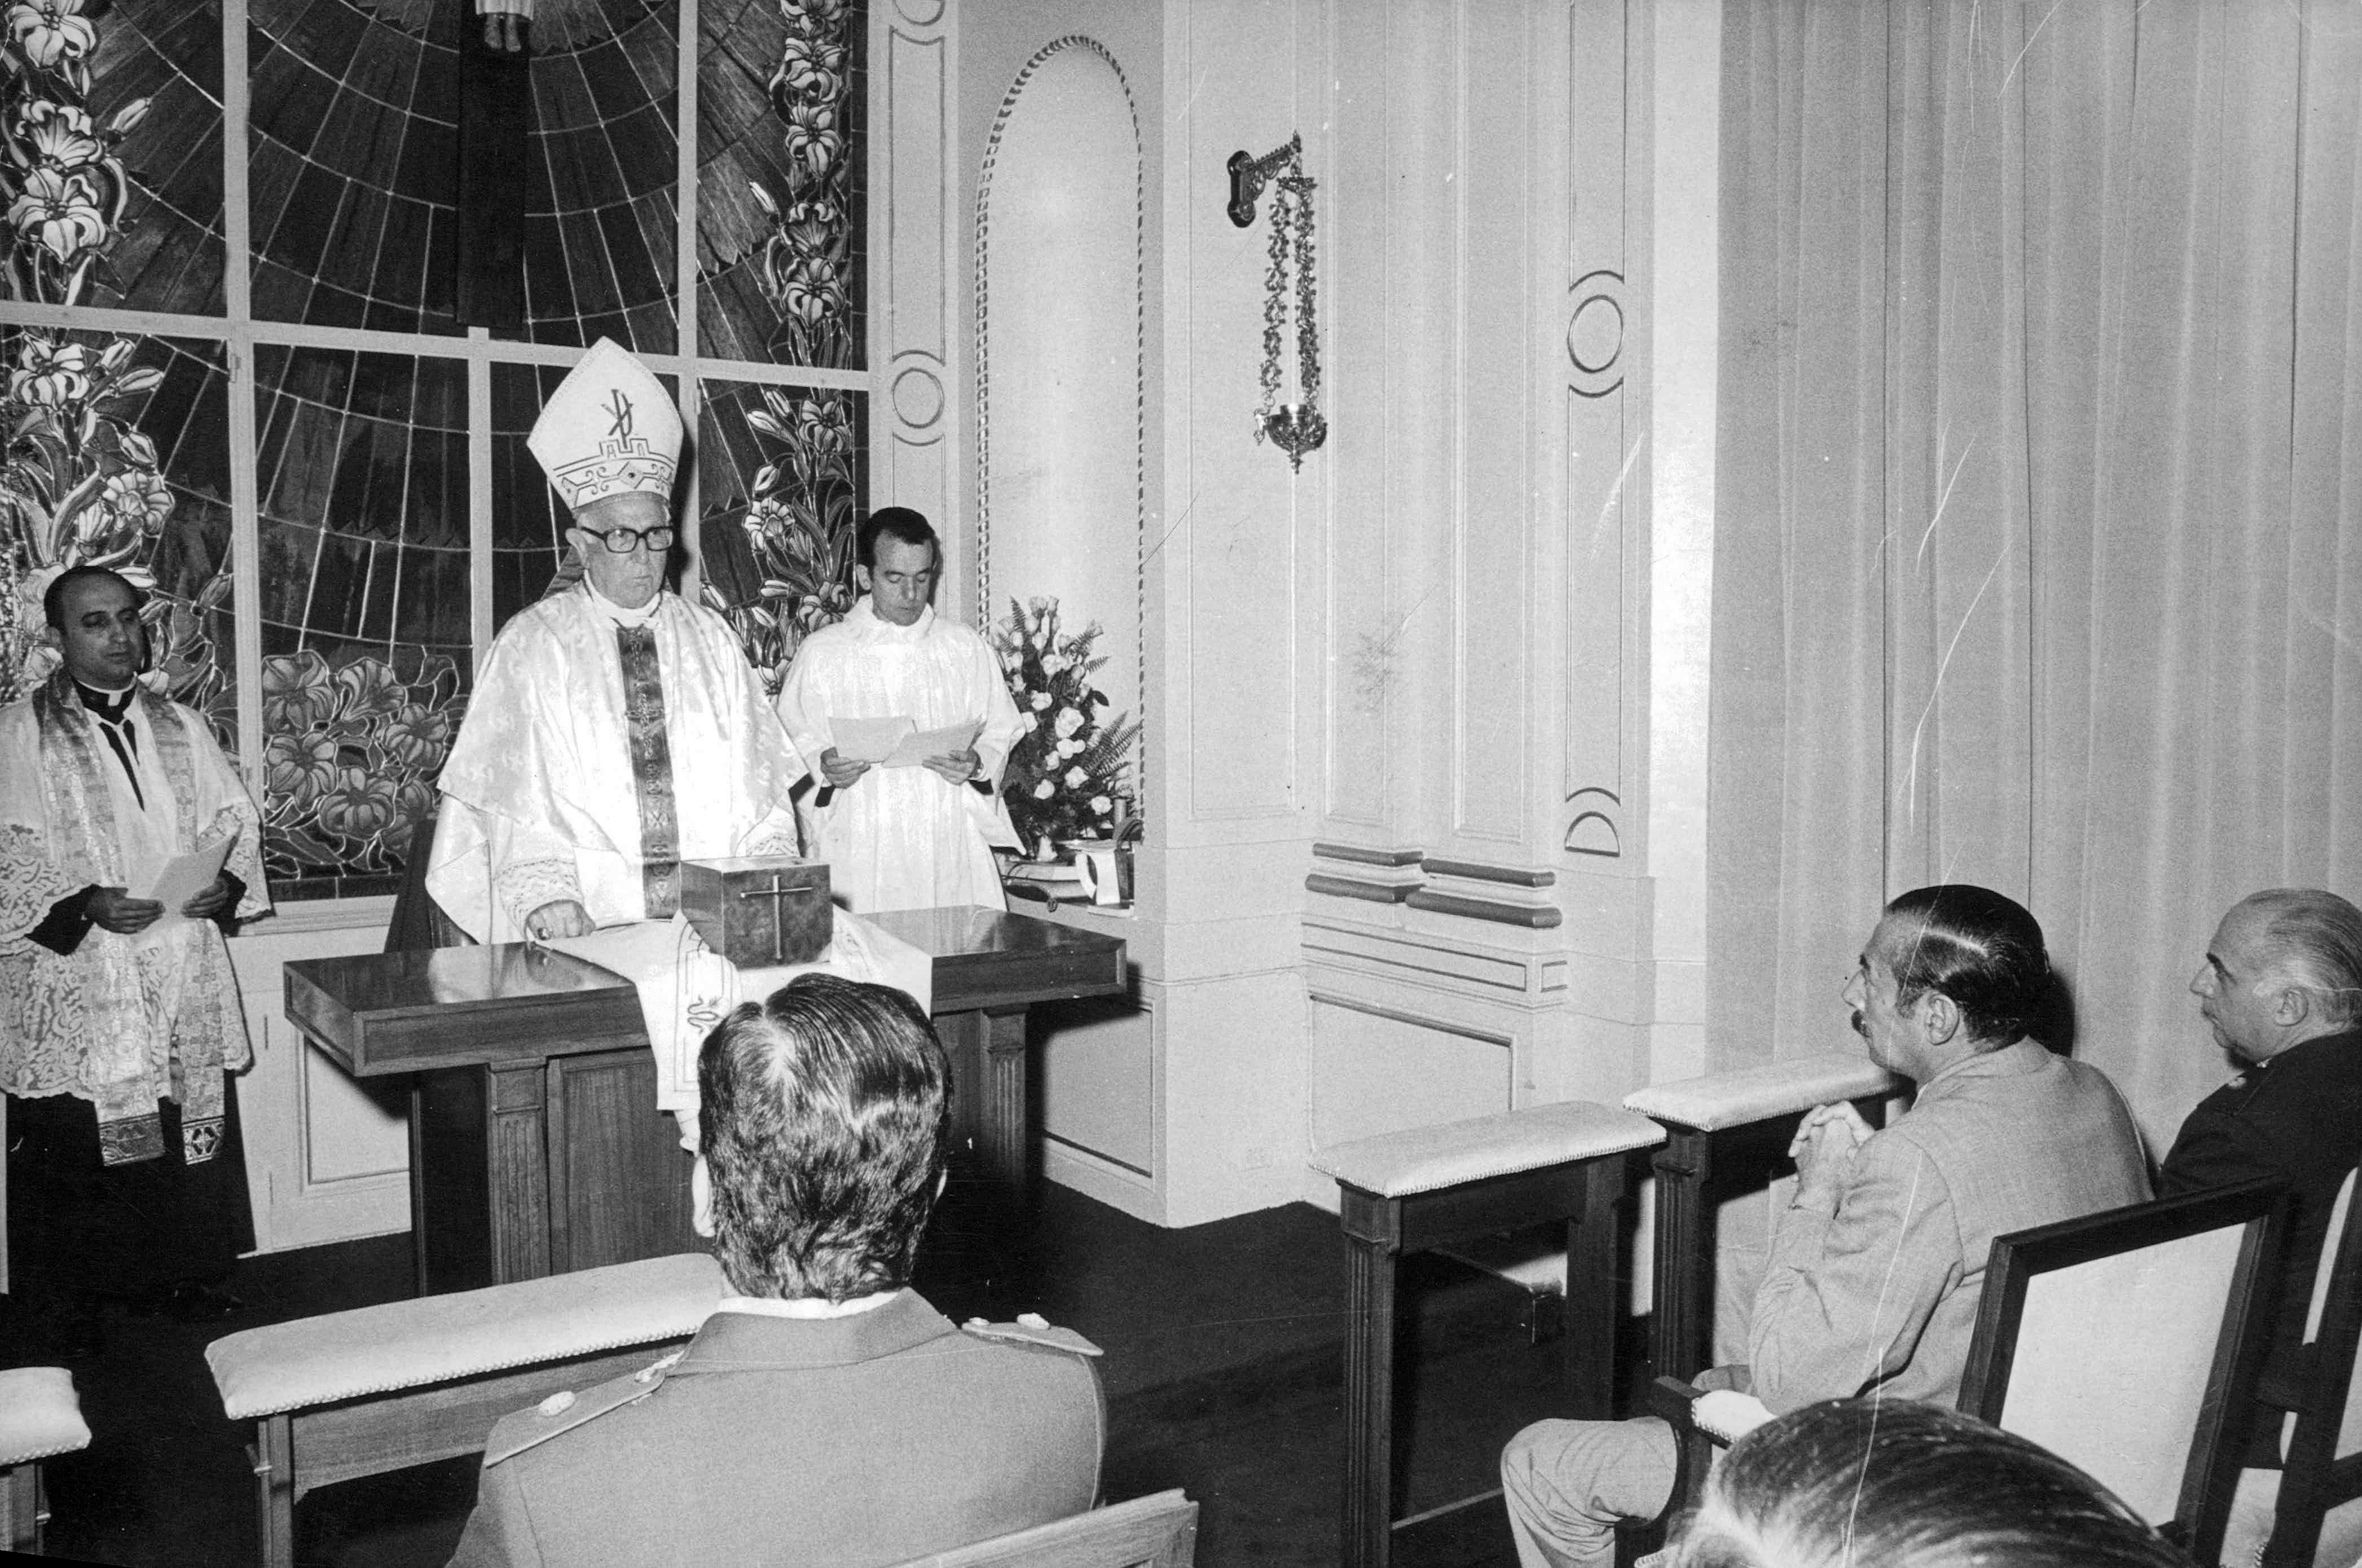 Con Jorge R. Videla, Presidente de facto. Inauguración de la Capilla Cristo Rey, Casa de Gobierno, 21/12/1978.